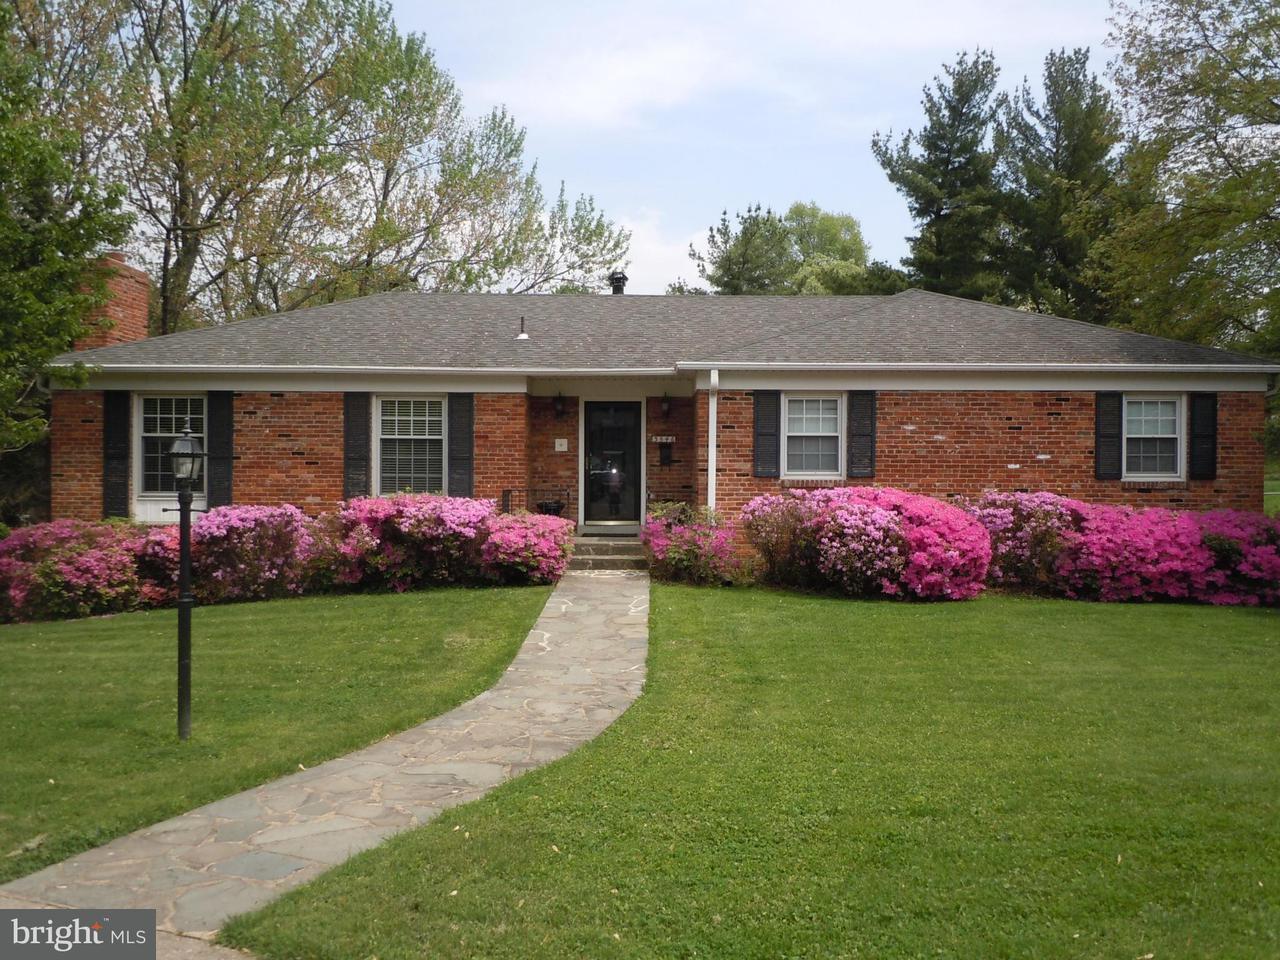 Μονοκατοικία για την Πώληση στο 3546 ABINGDON Street 3546 ABINGDON Street Arlington, Βιρτζινια 22207 Ηνωμενεσ Πολιτειεσ